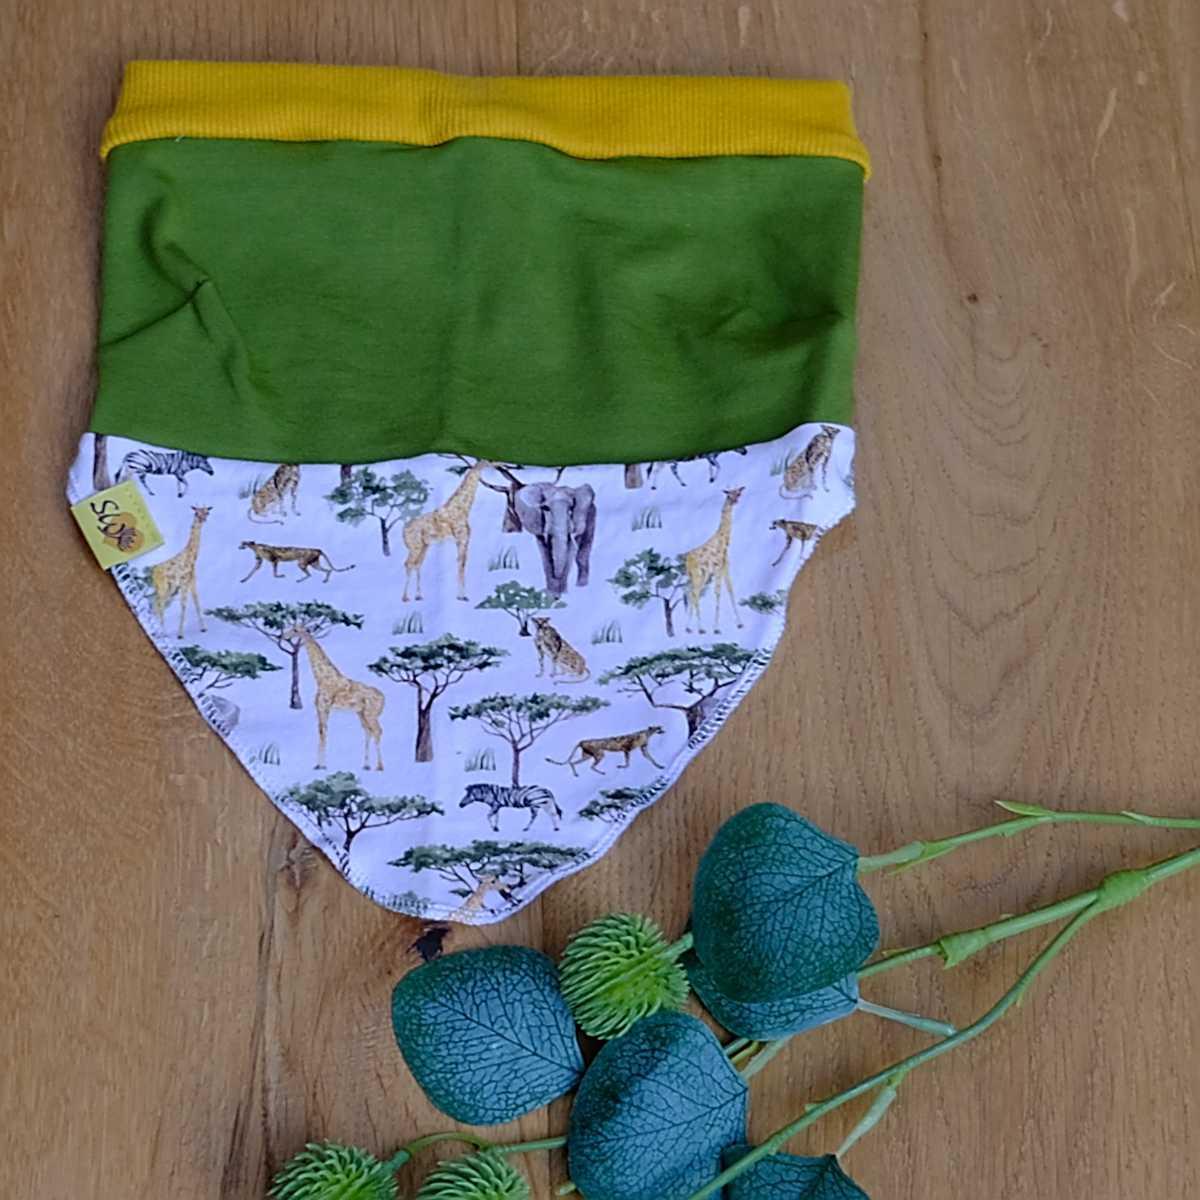 """luftiges, leichtes Kopftuch  mit Muster """"grün mit wilden Tieren"""""""